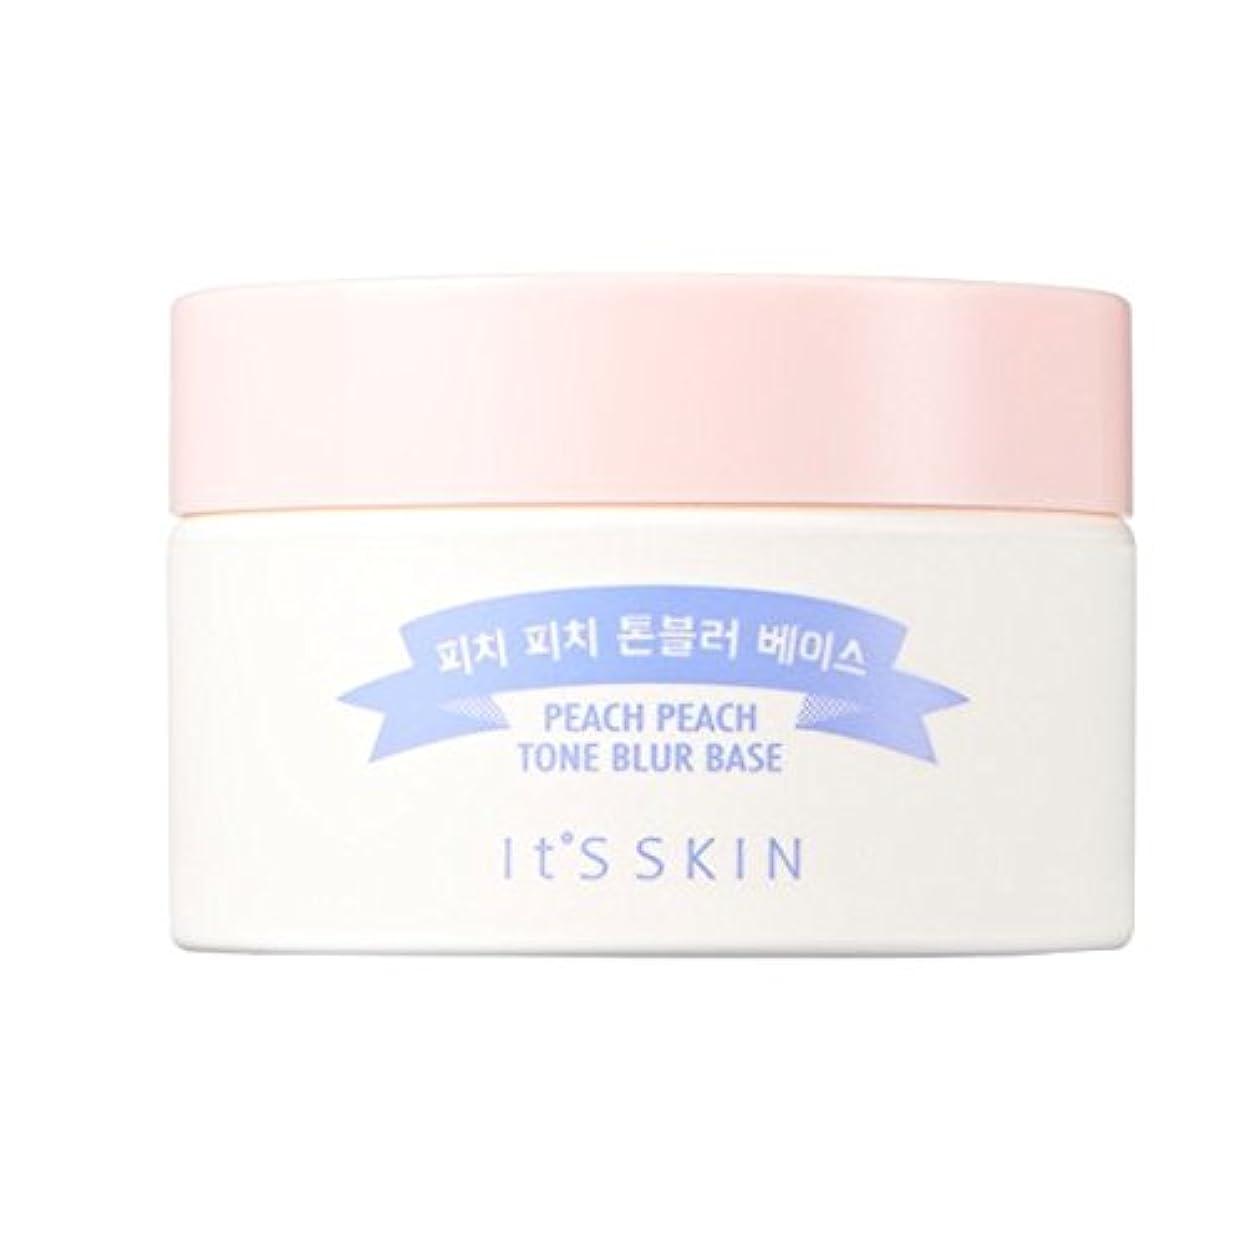 目指す正しくスクラブIt's Skin Peach Peach Tone Blur Base 30ml / イッツスキン ピーチピーチトーンブラーベース SPF25 PA++ 30 ml [並行輸入品]